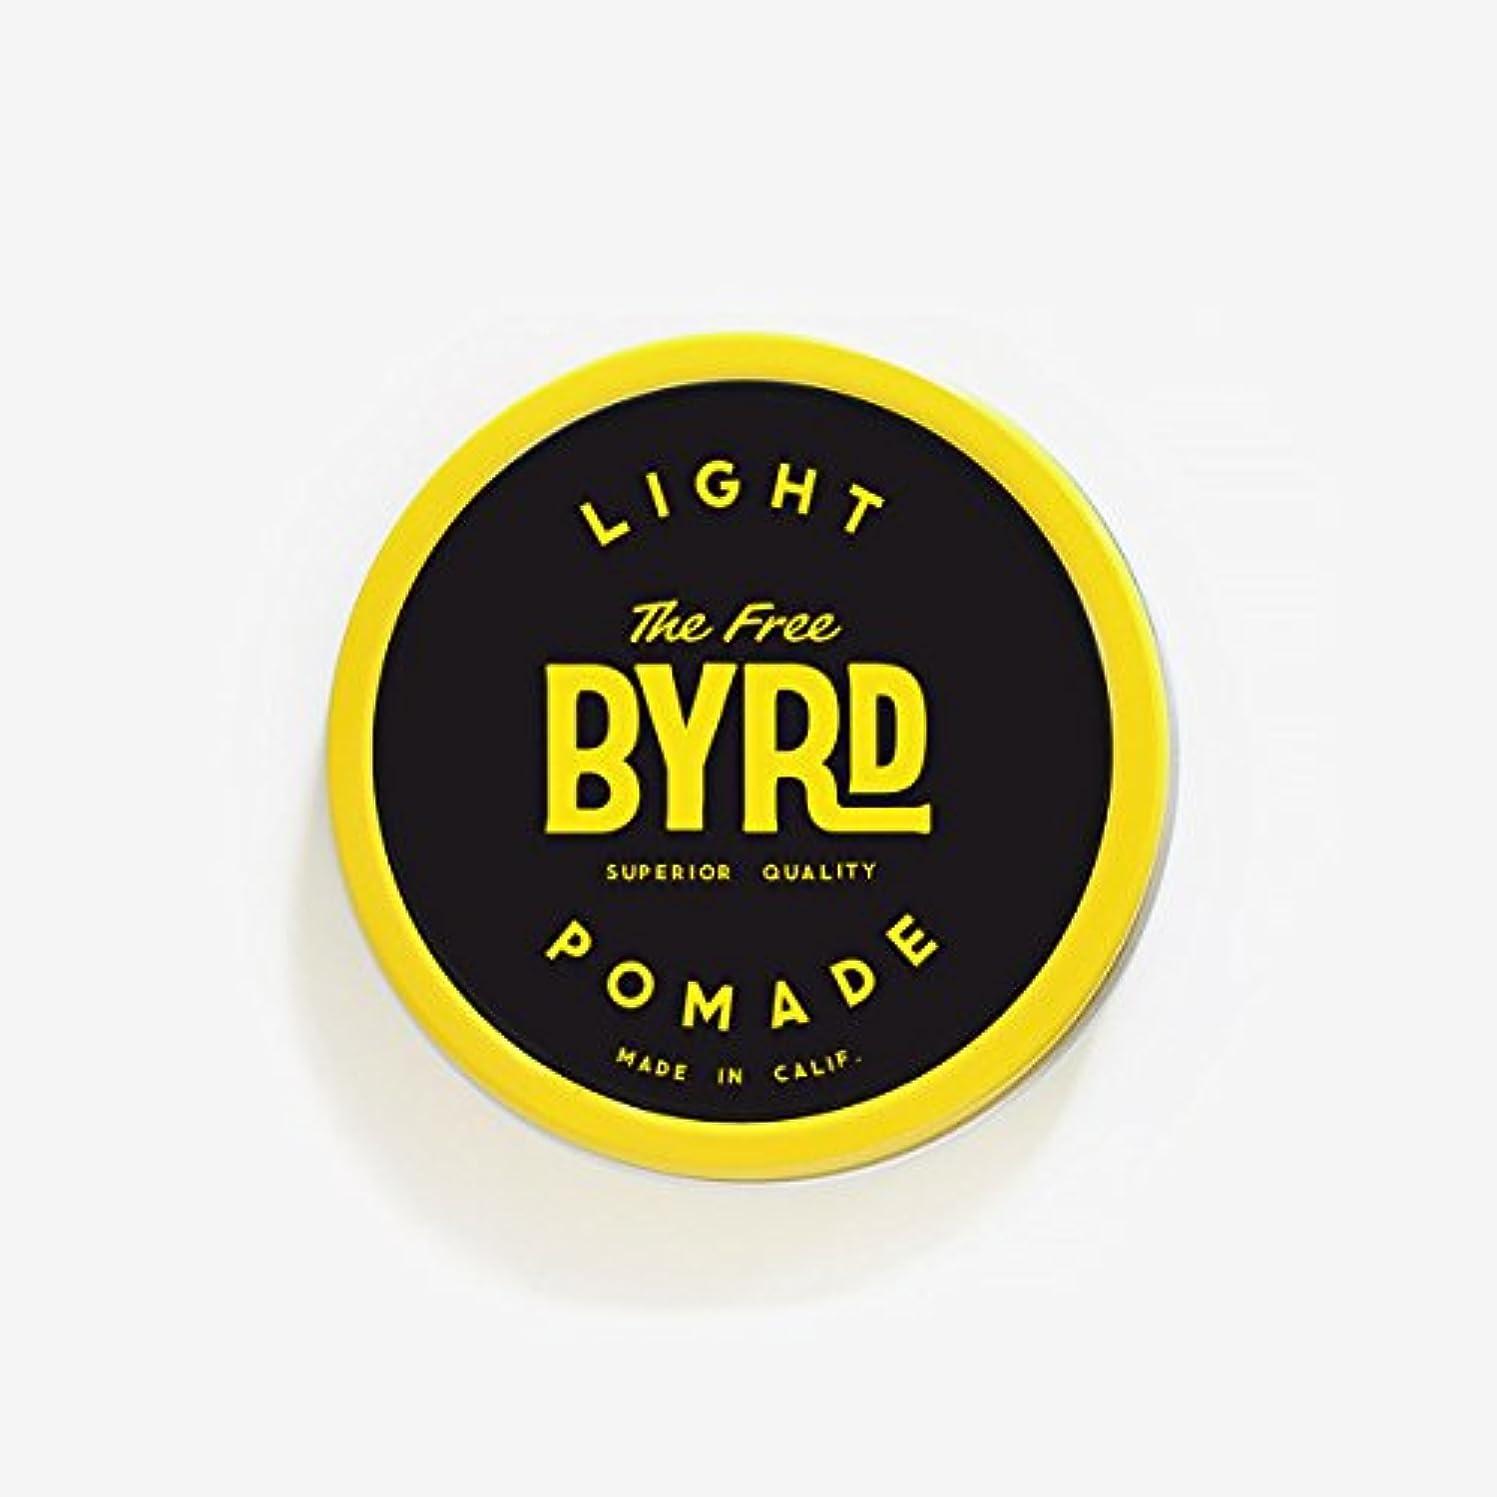 緊張する前部反抗バード(BYRD) カリフォルニア発ポマード288 LIGHT POMADE SMALL(スモールサイズ)ライトスタイルヘアワックスヘアスタイリング剤耐水性香料メンズ/レディース 【LIGHT】SMALL